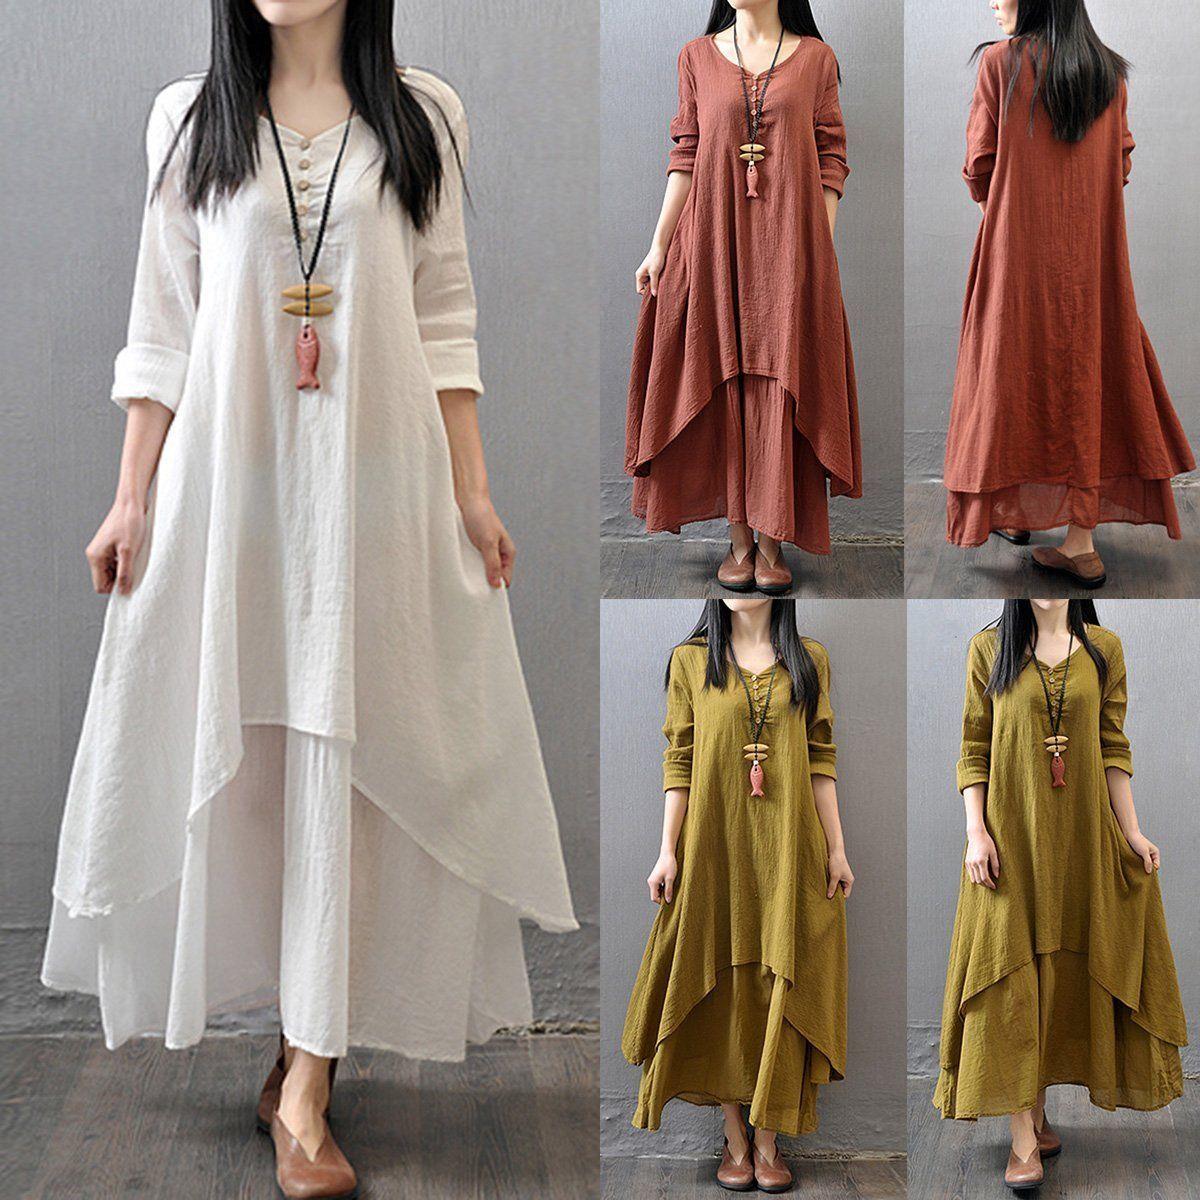 Women ethnic cotton linen long dress summer spring long sleeve maxi